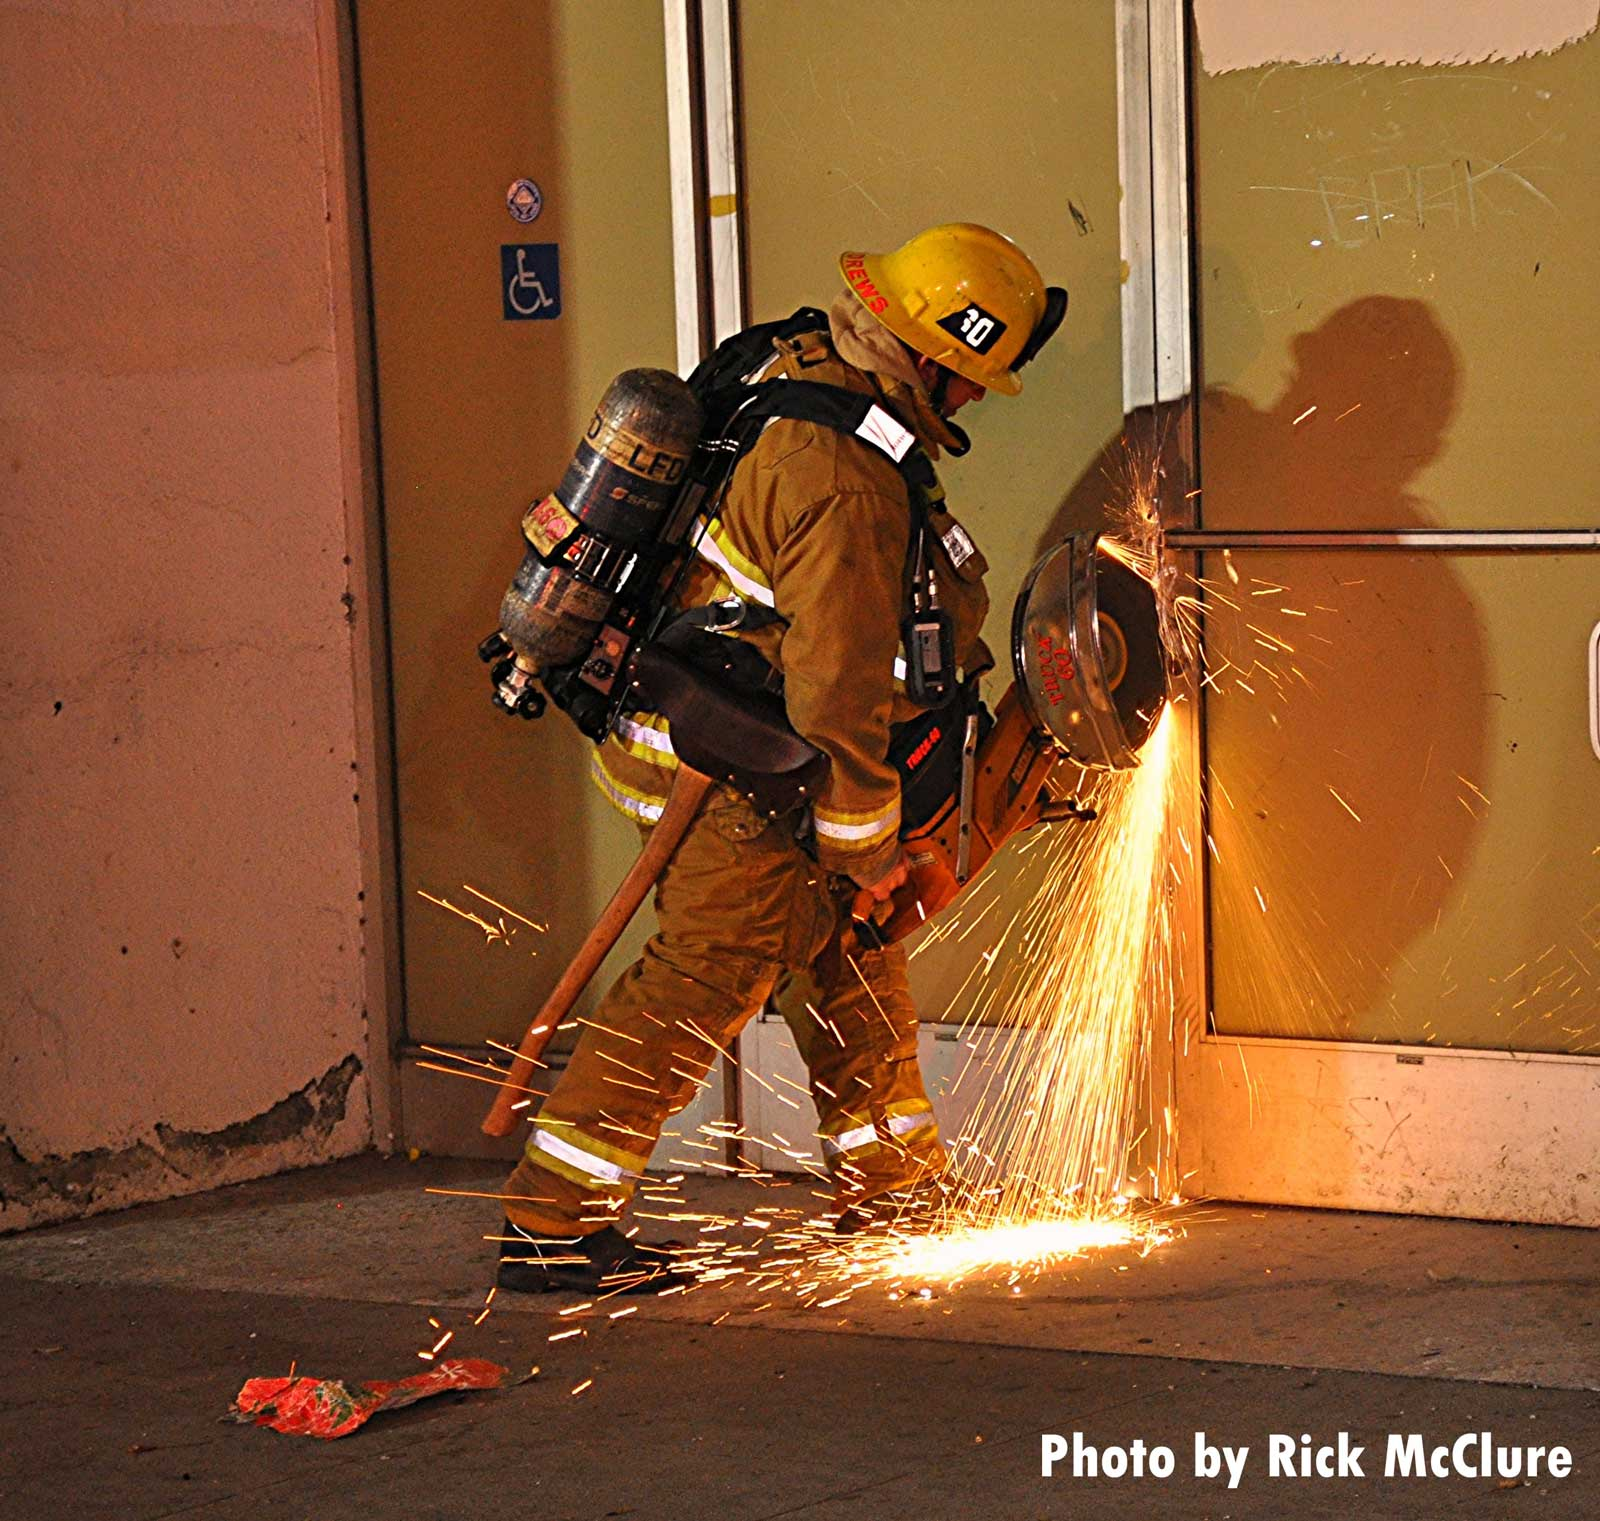 Firefighter cutting through a door